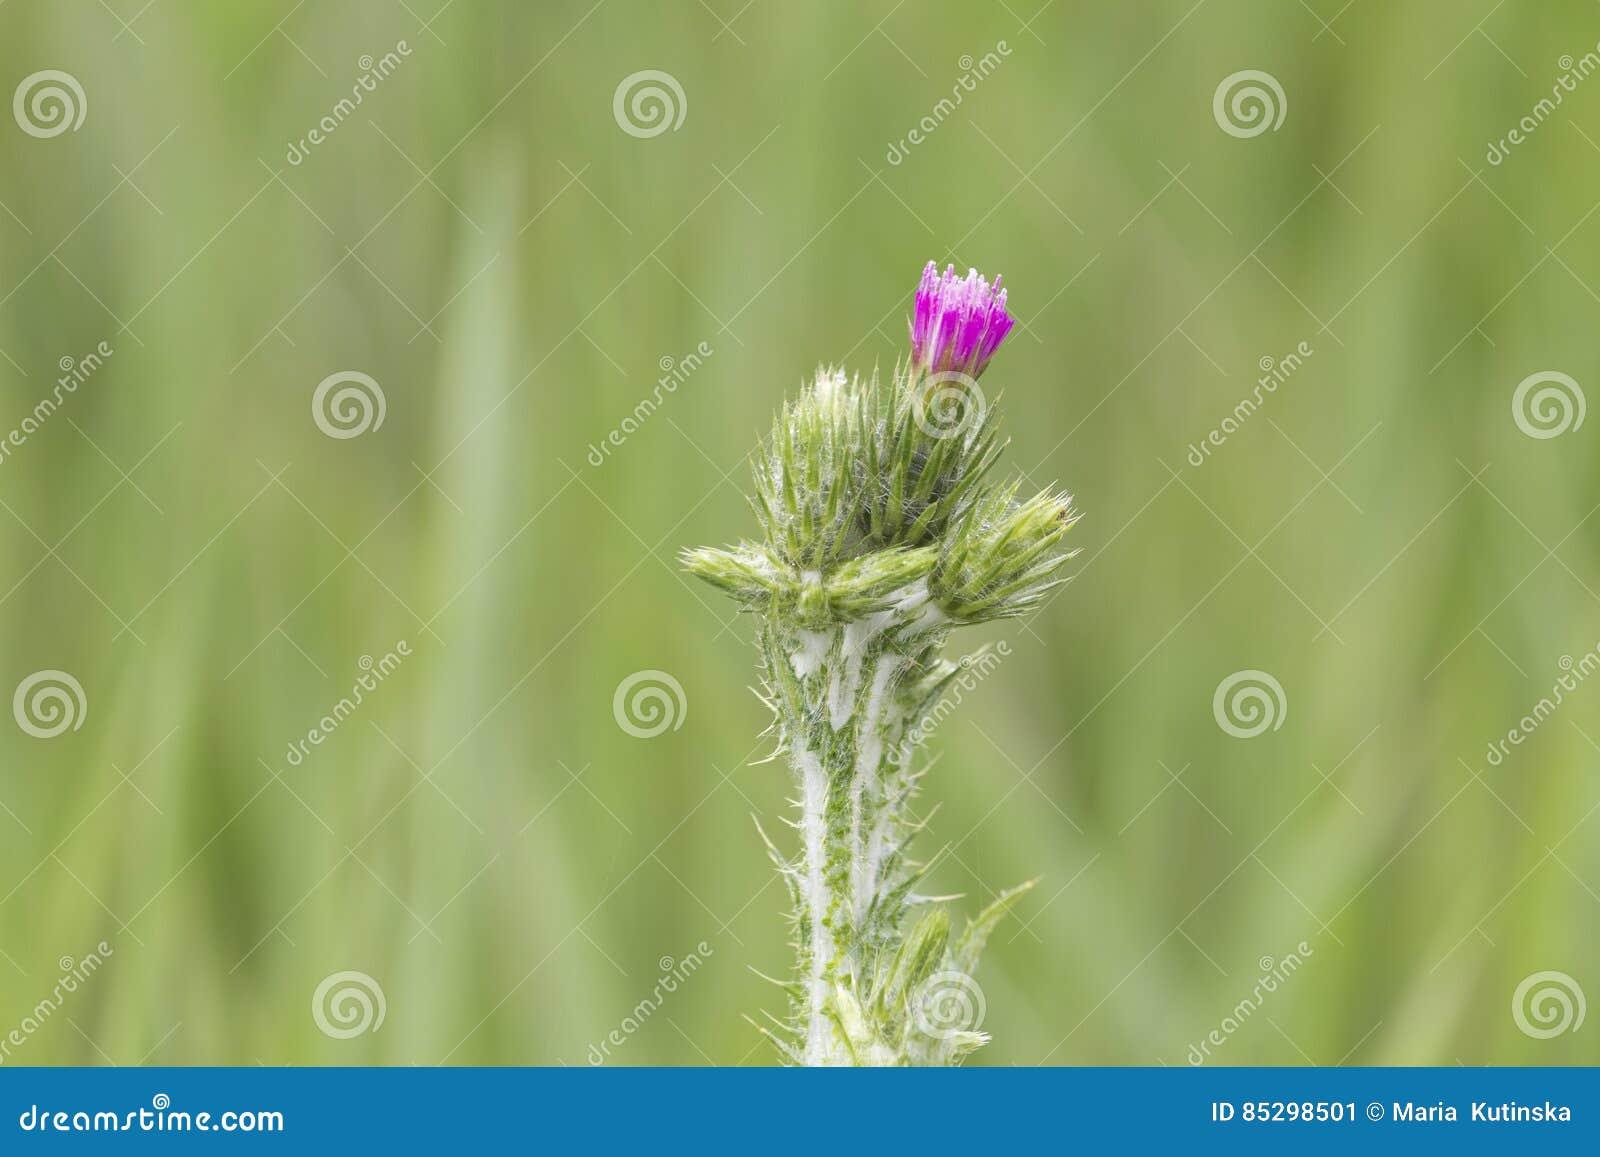 Flor floreciente del cardo de leche sobre el fondo verde, cierre para arriba, macro